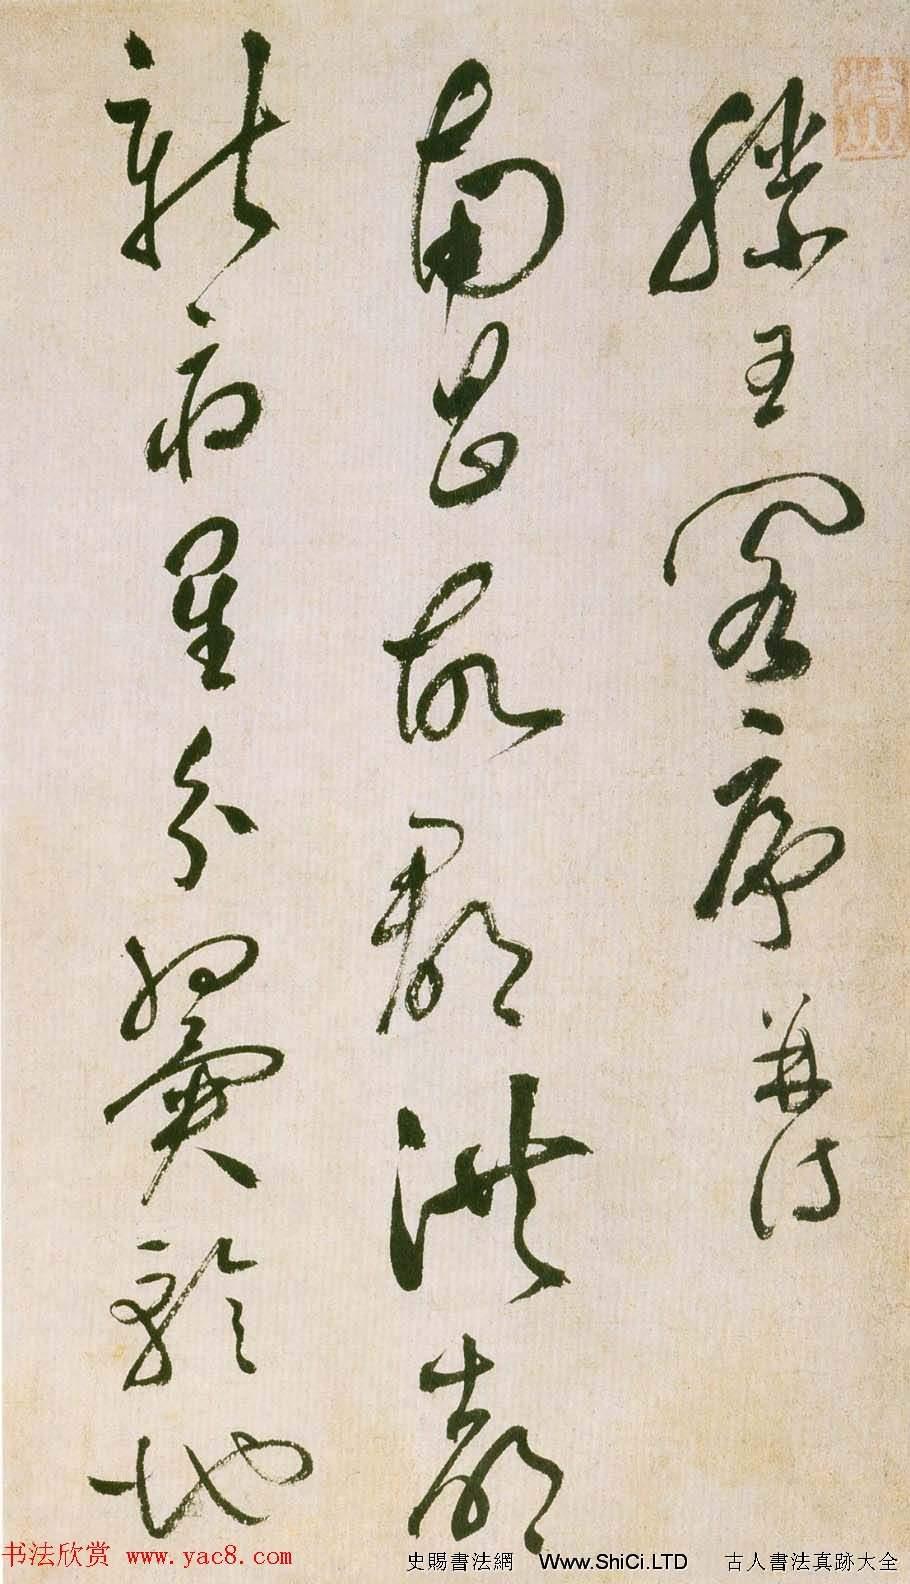 祝允明草書真跡欣賞《滕王閣序並詩》(共44張圖片)